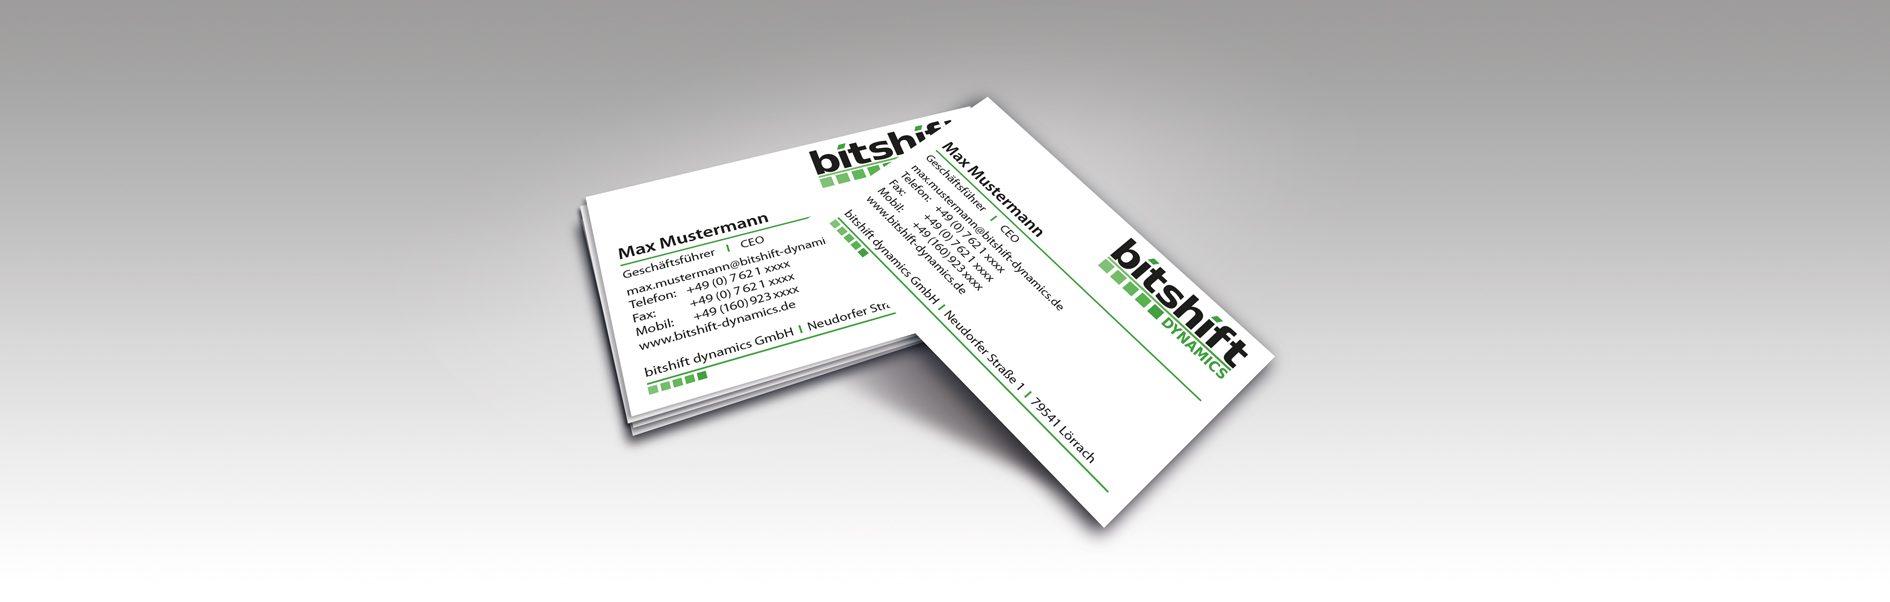 Hier sind die neuen Bitshift Visitenkarten zu sehen.